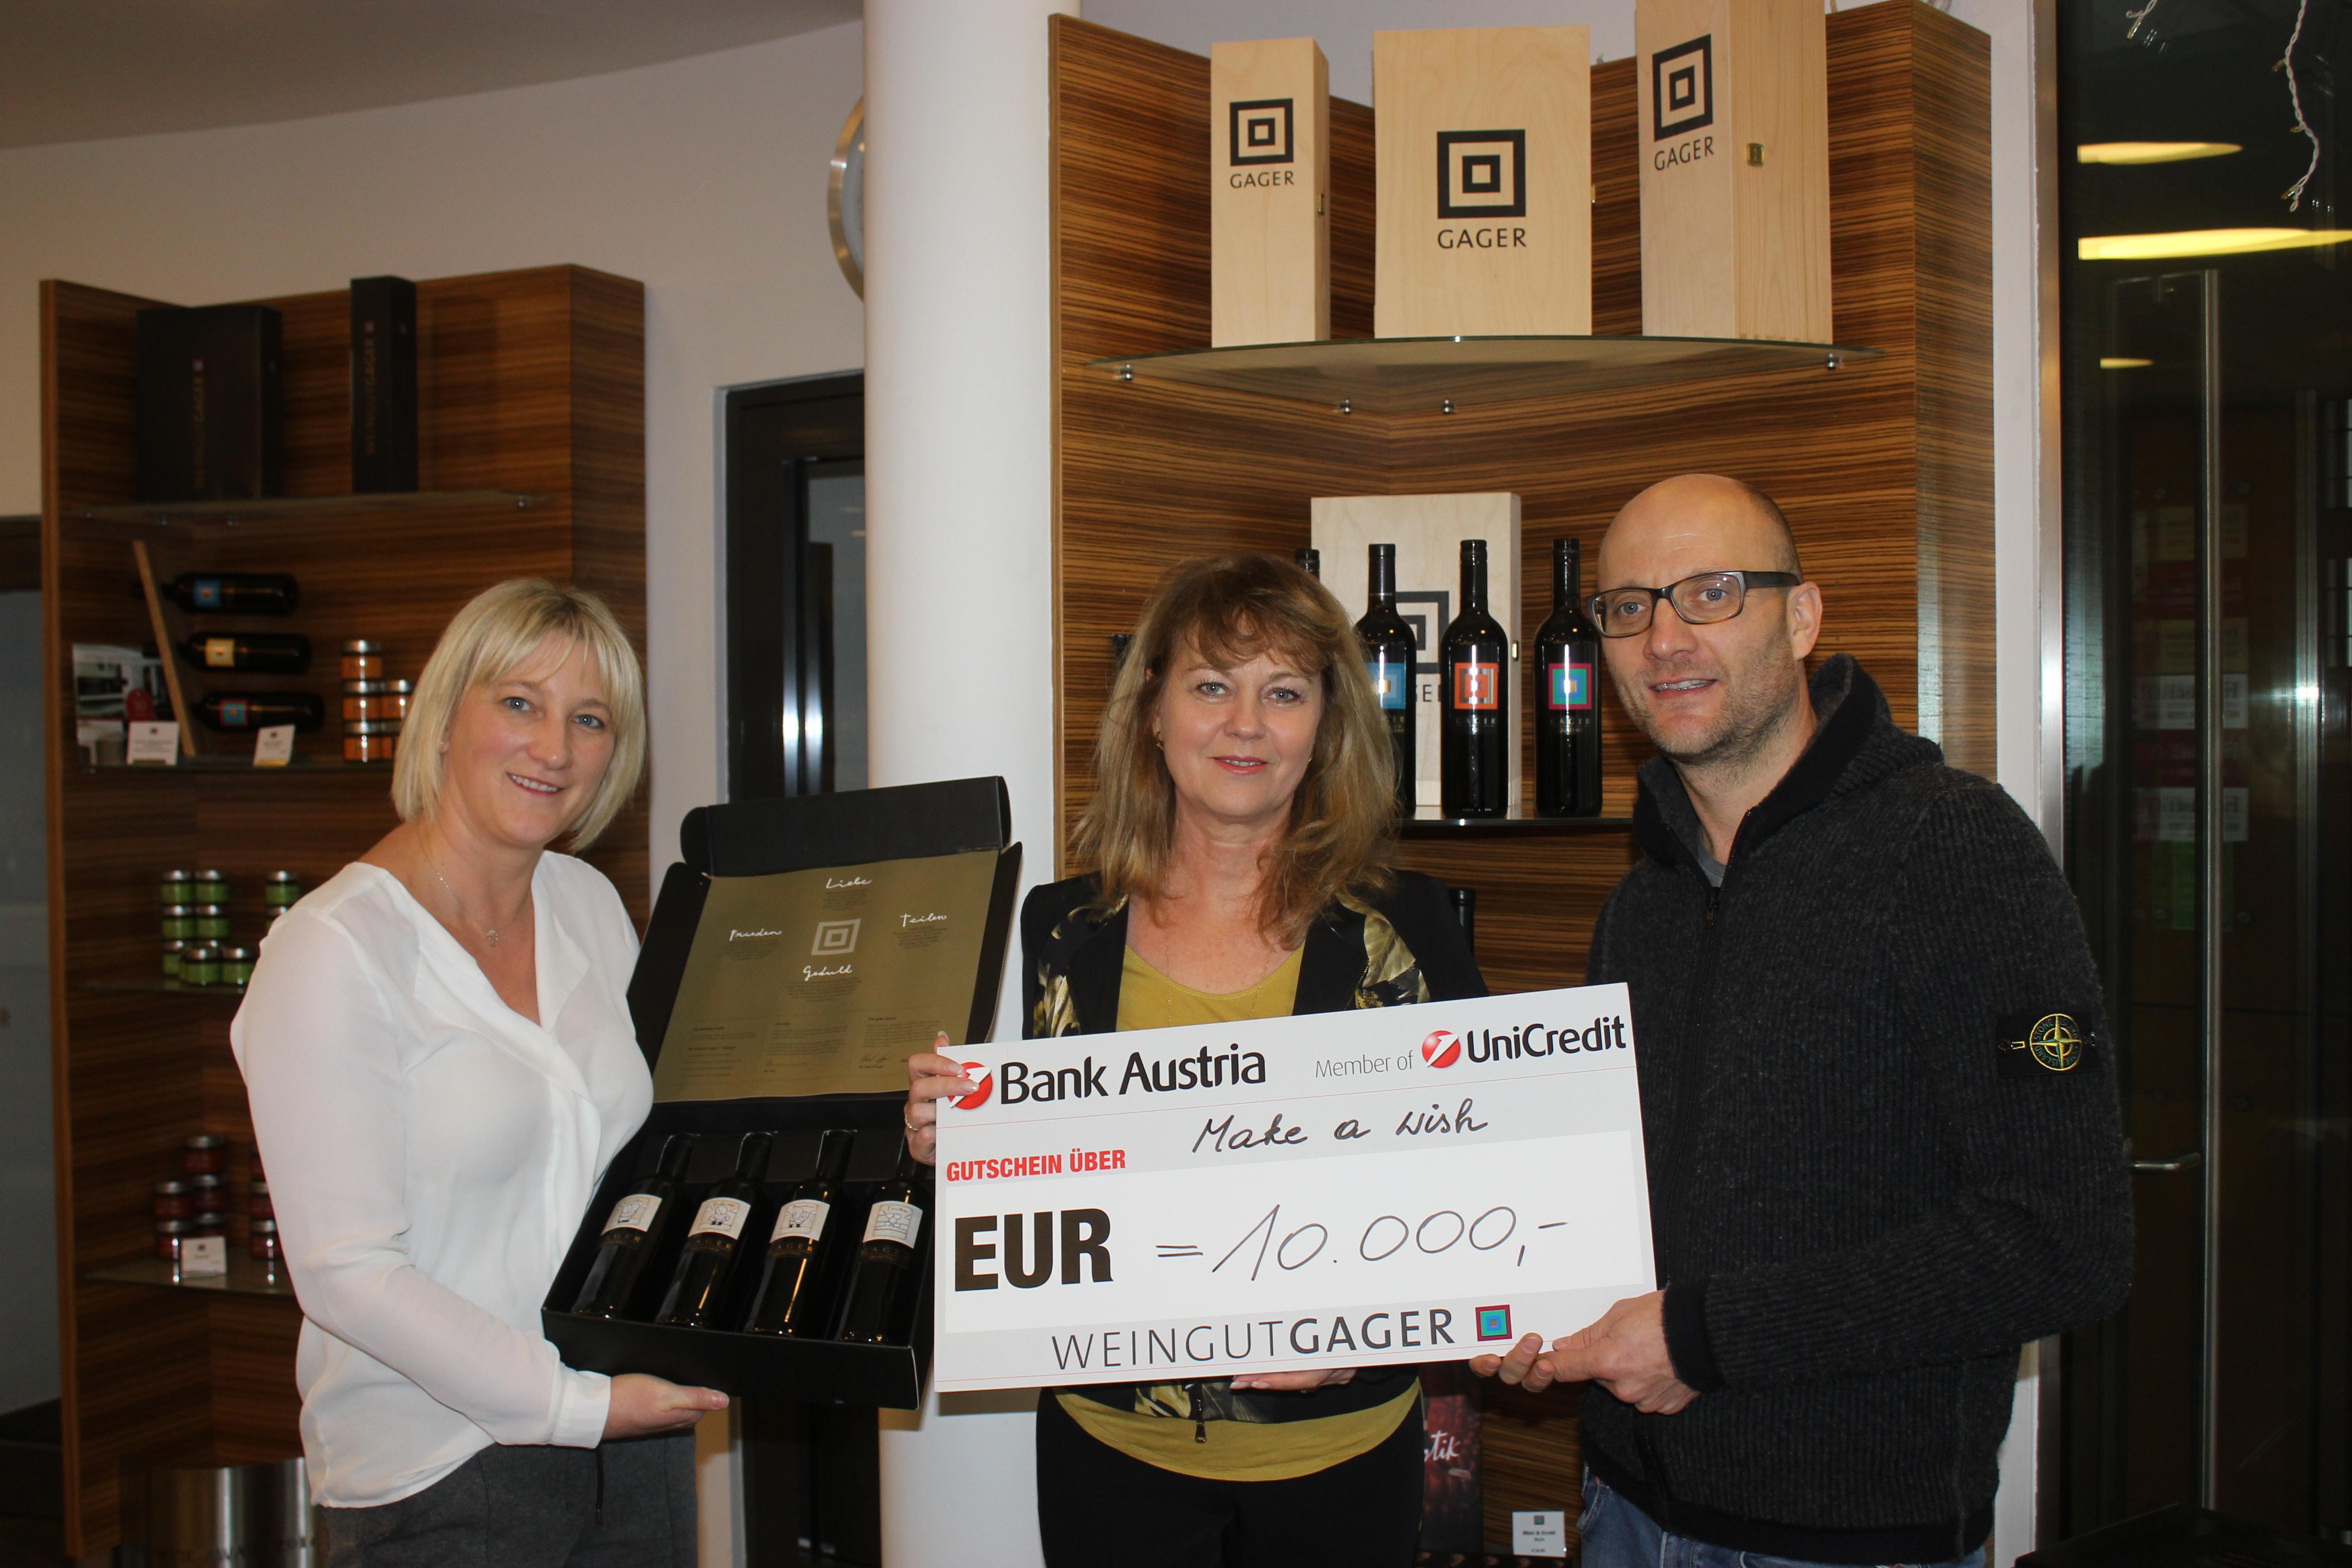 Weingut Gager spendet 10.000€ für den guten Zweck